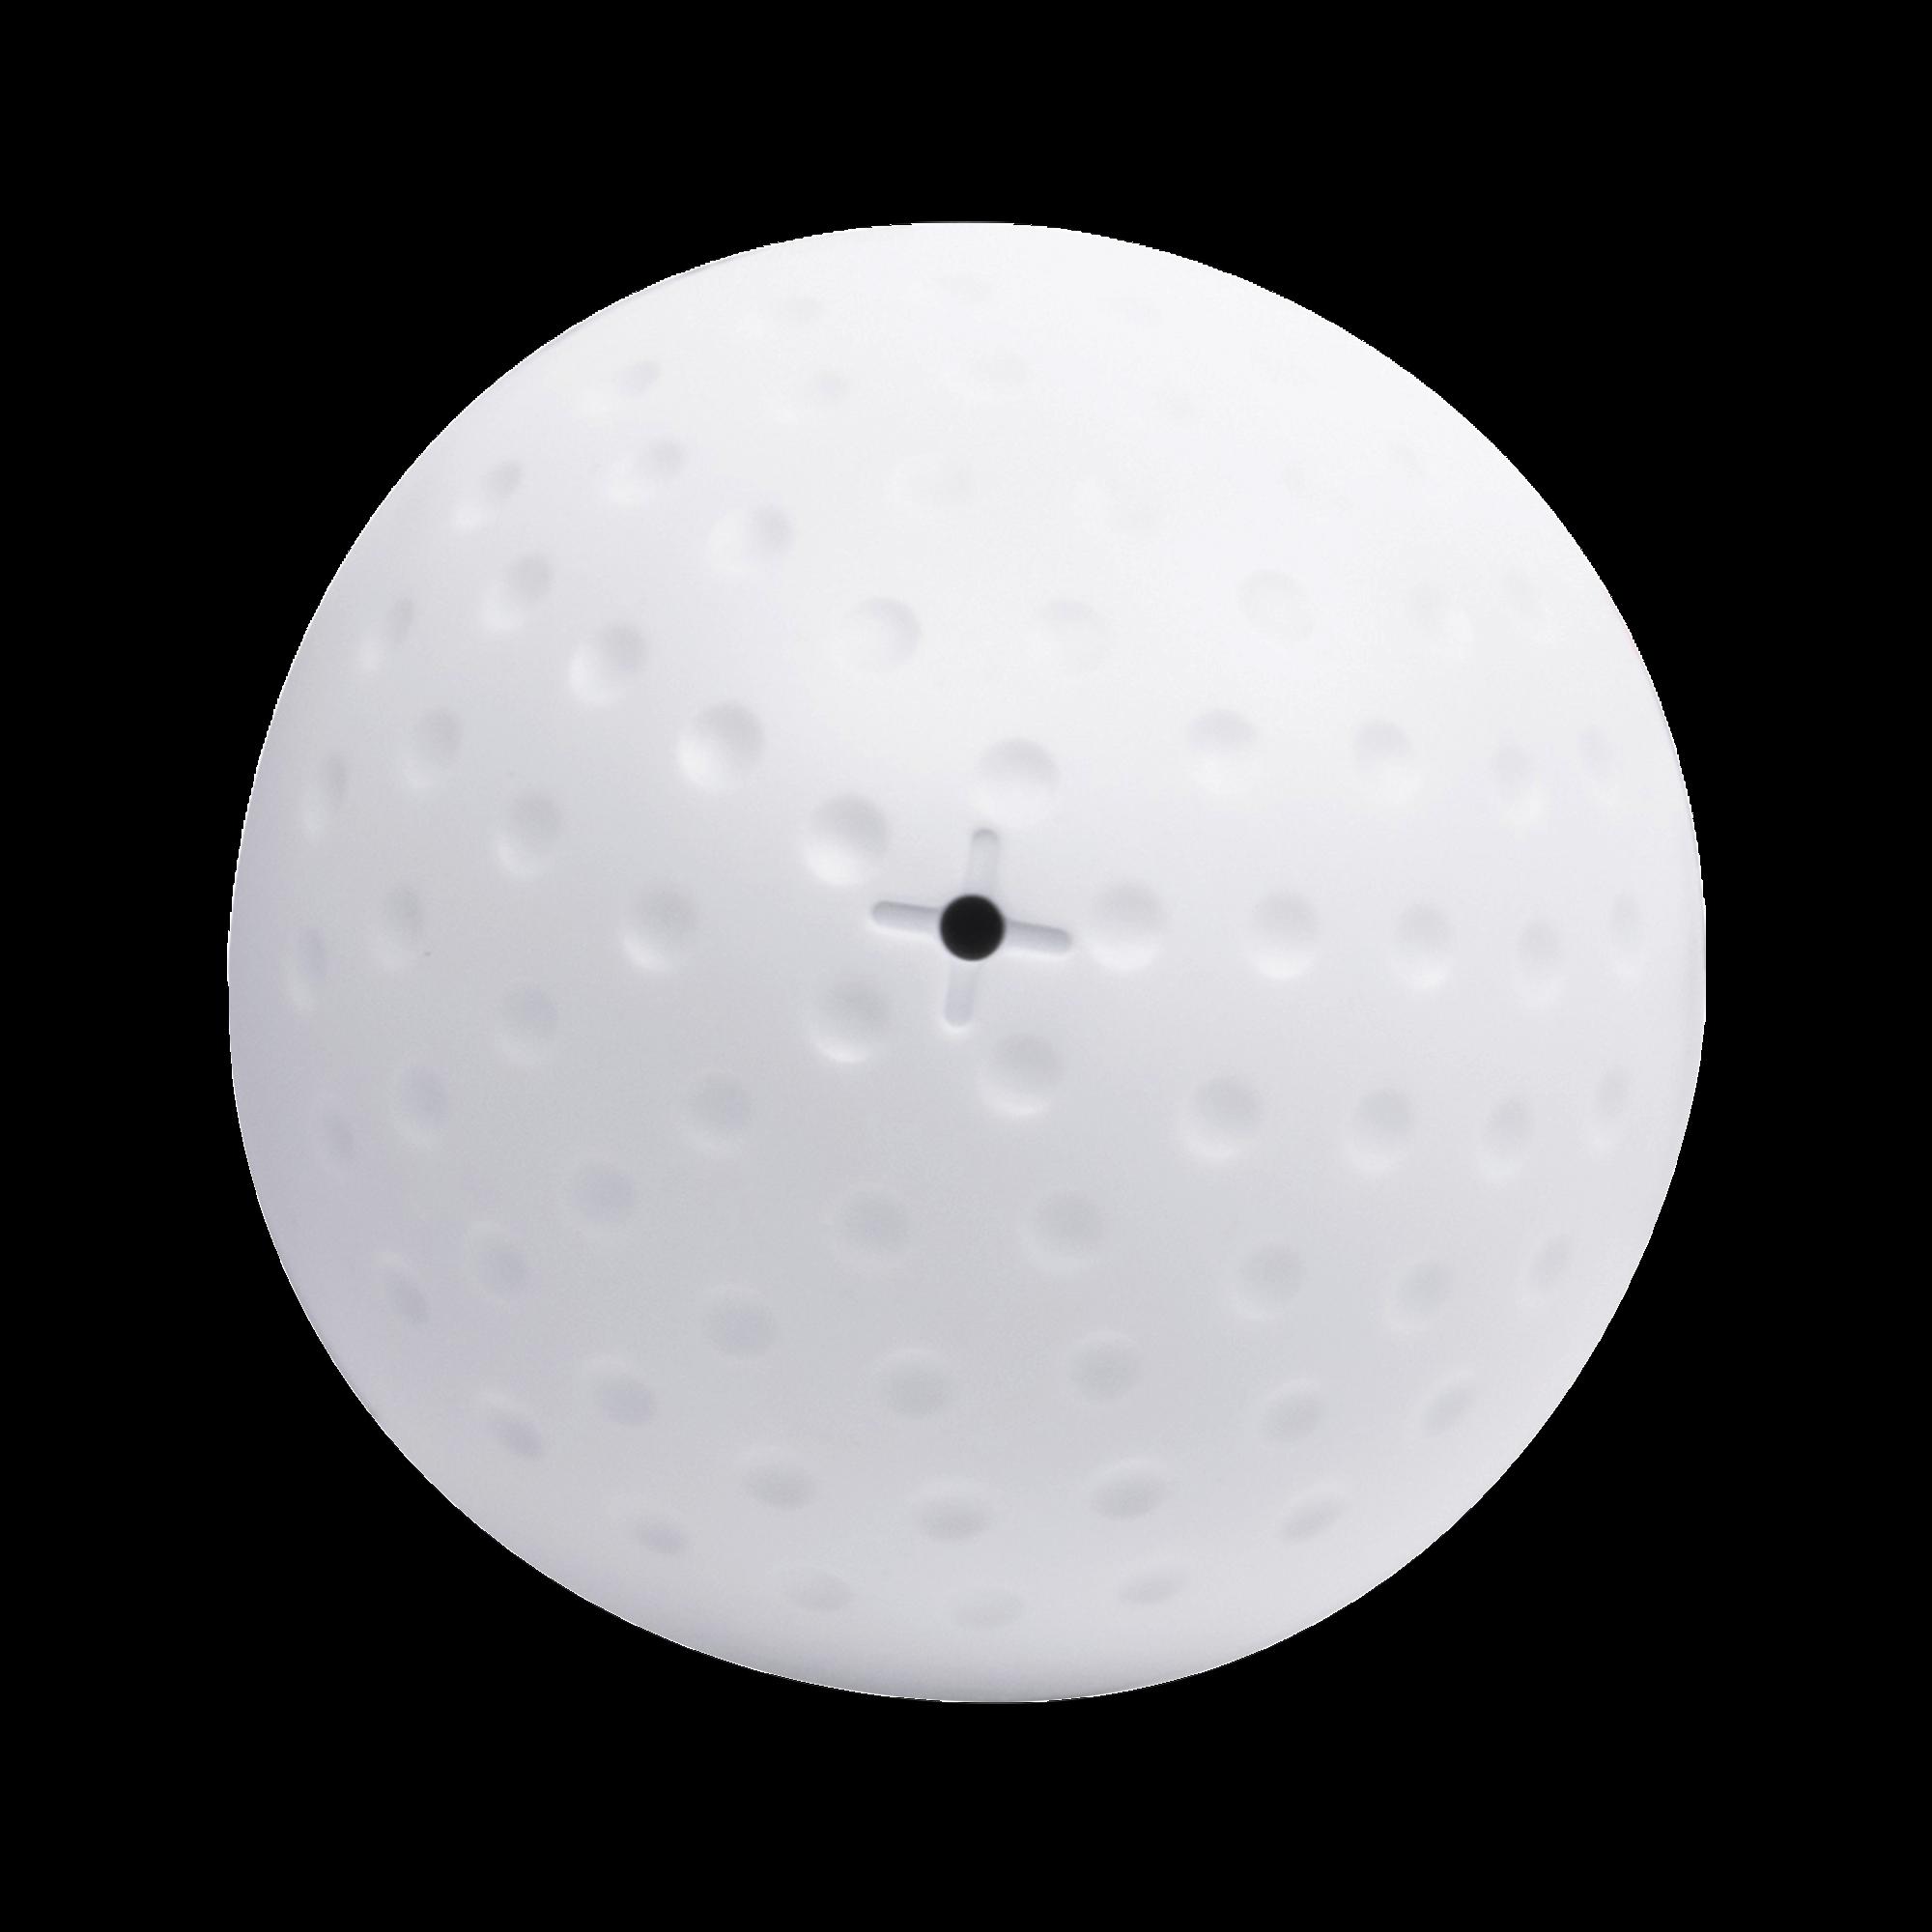 Micrófono omnidireccional, tipo pelota de golf, a prueba de explosión, con distancia de recepción de 10 - 100 m cuadrados